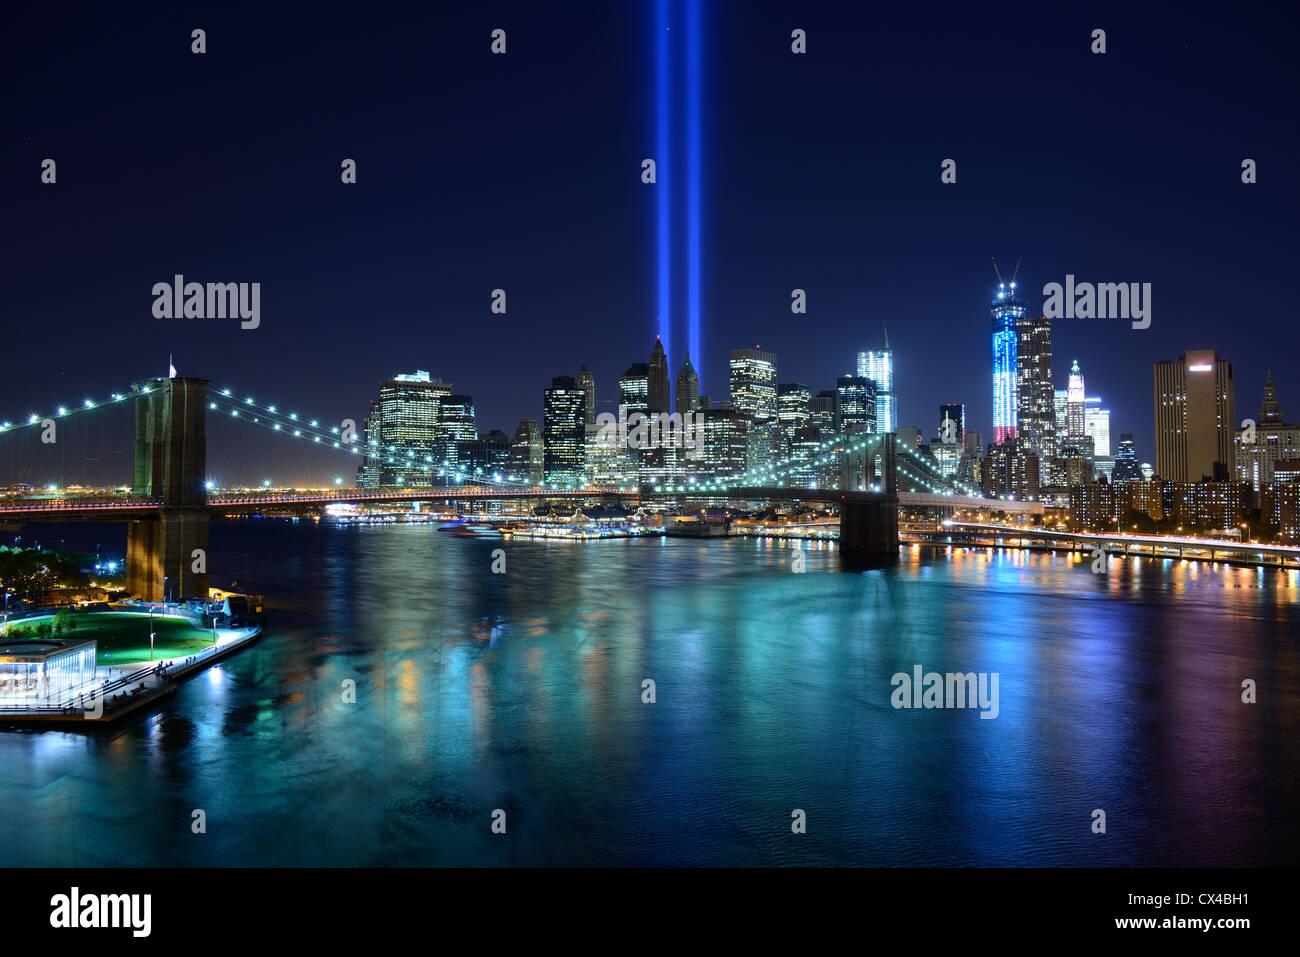 New York City Skyline with Tribute of LIght Memorial for September 11 - Stock Image